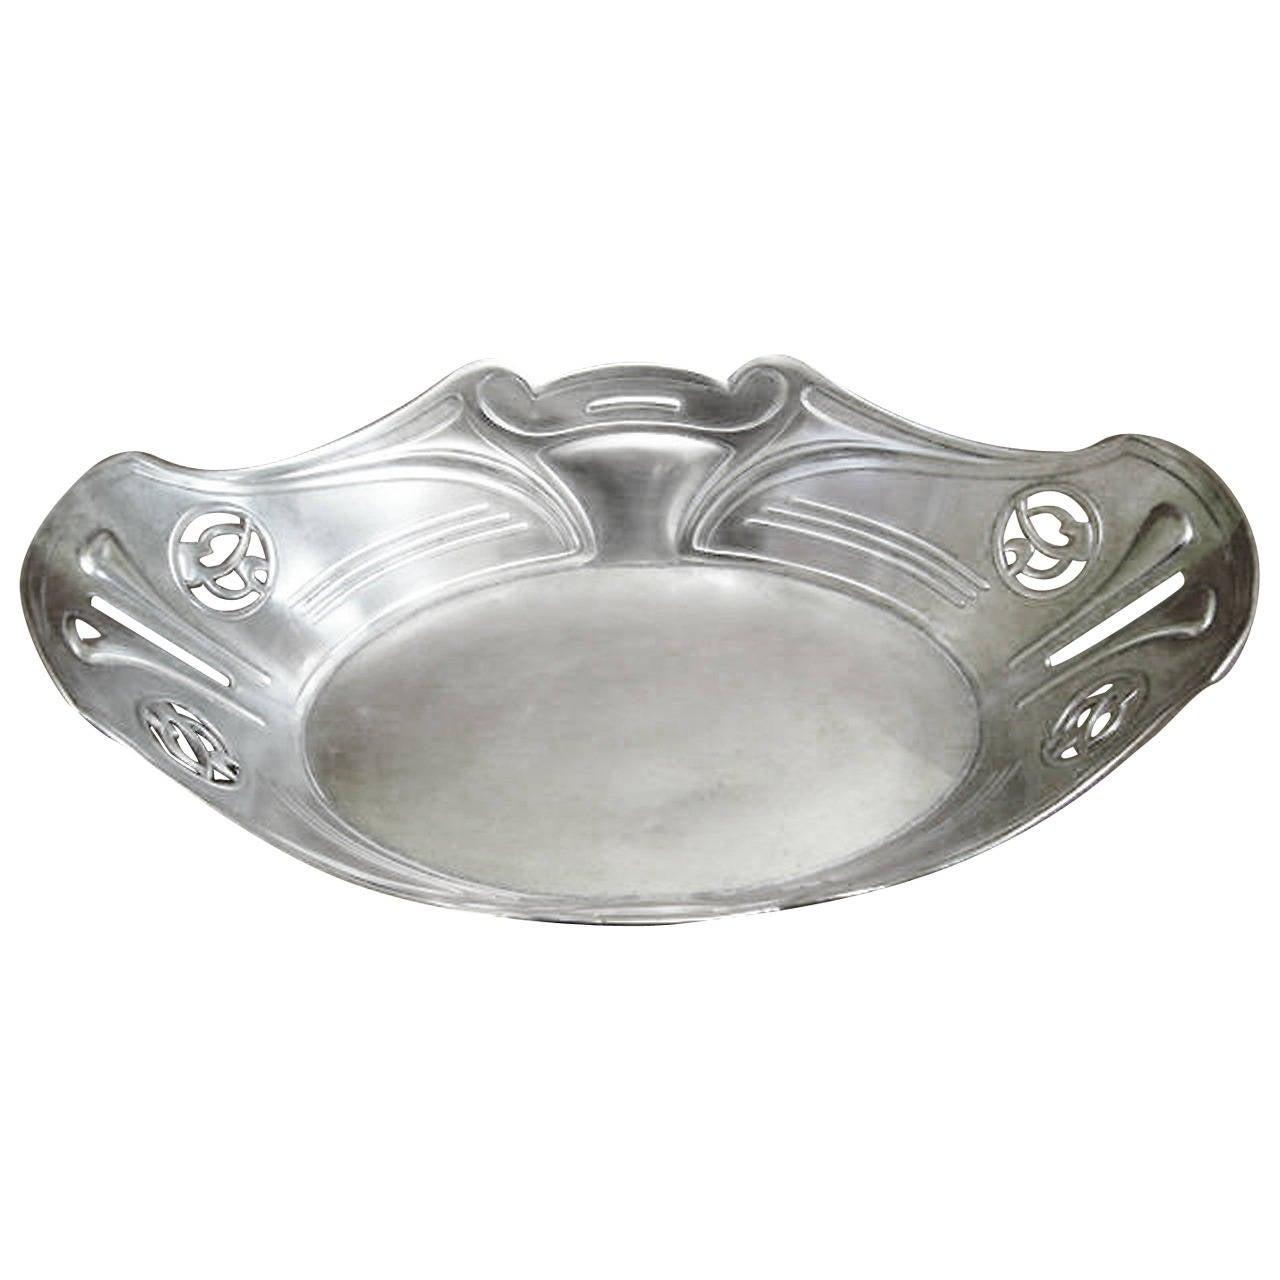 WMF Art Nouveau Plate